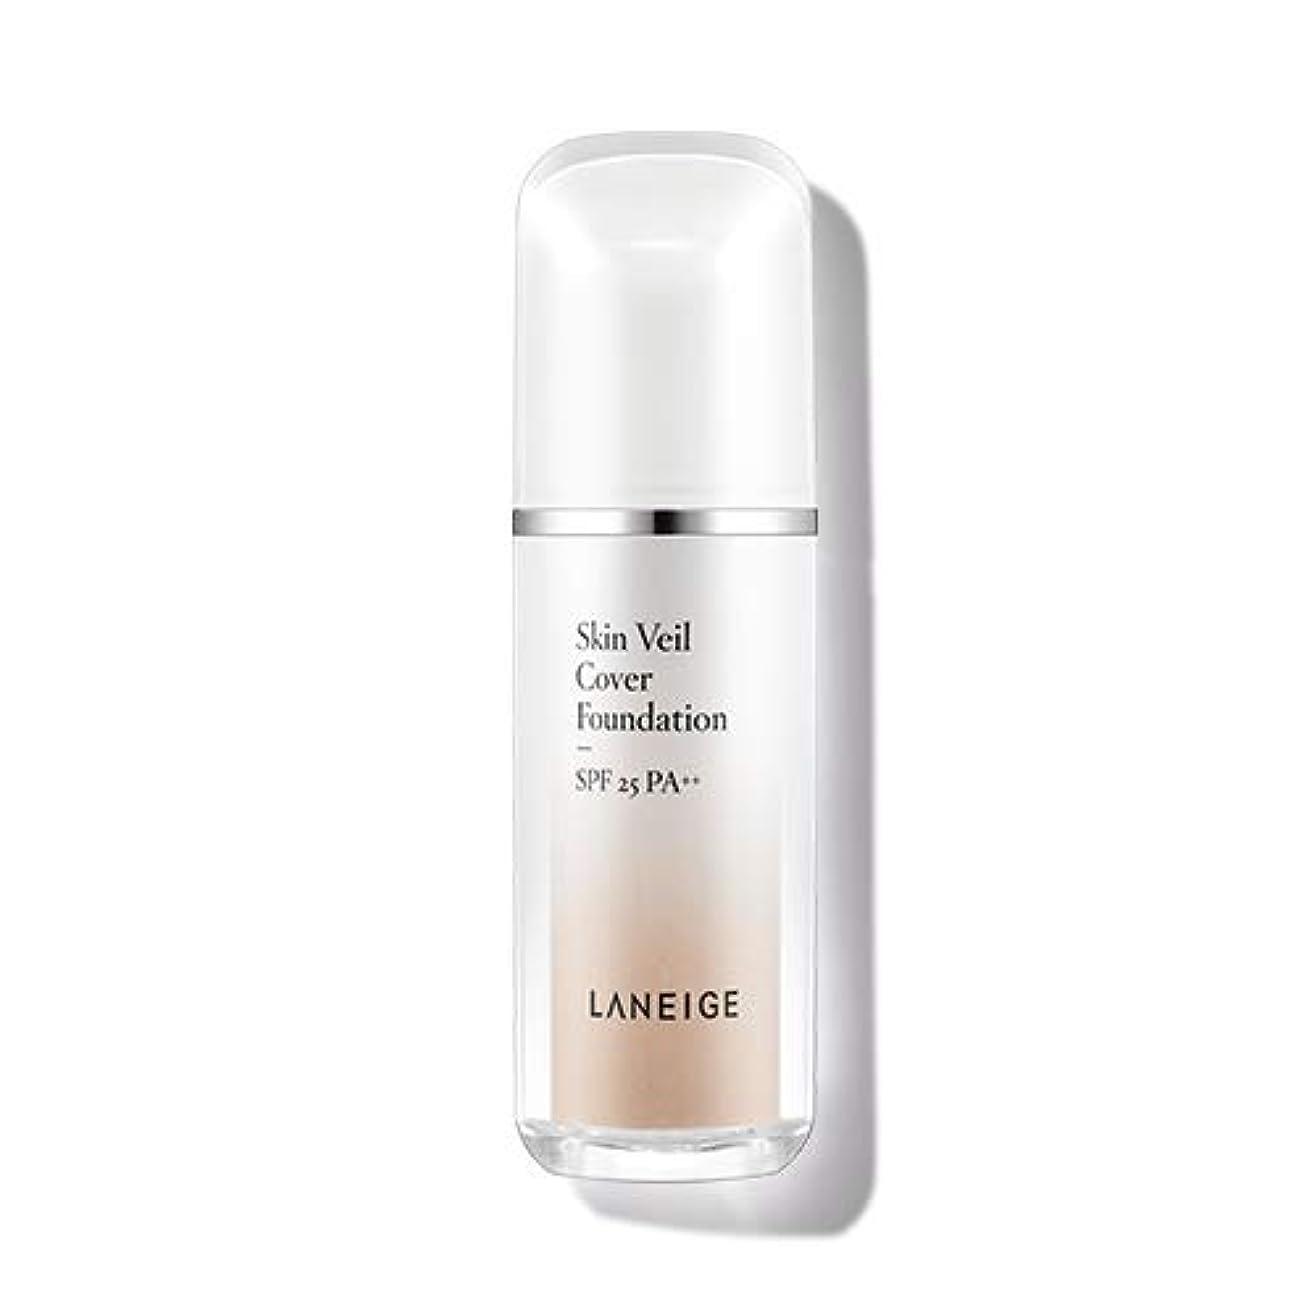 パーティションオーストラリア落胆するラネージュ(LANEIGE) スキンベールカバー?ファンデーション Skin Veil Cover Foundation 30ml (No.21 Beige)